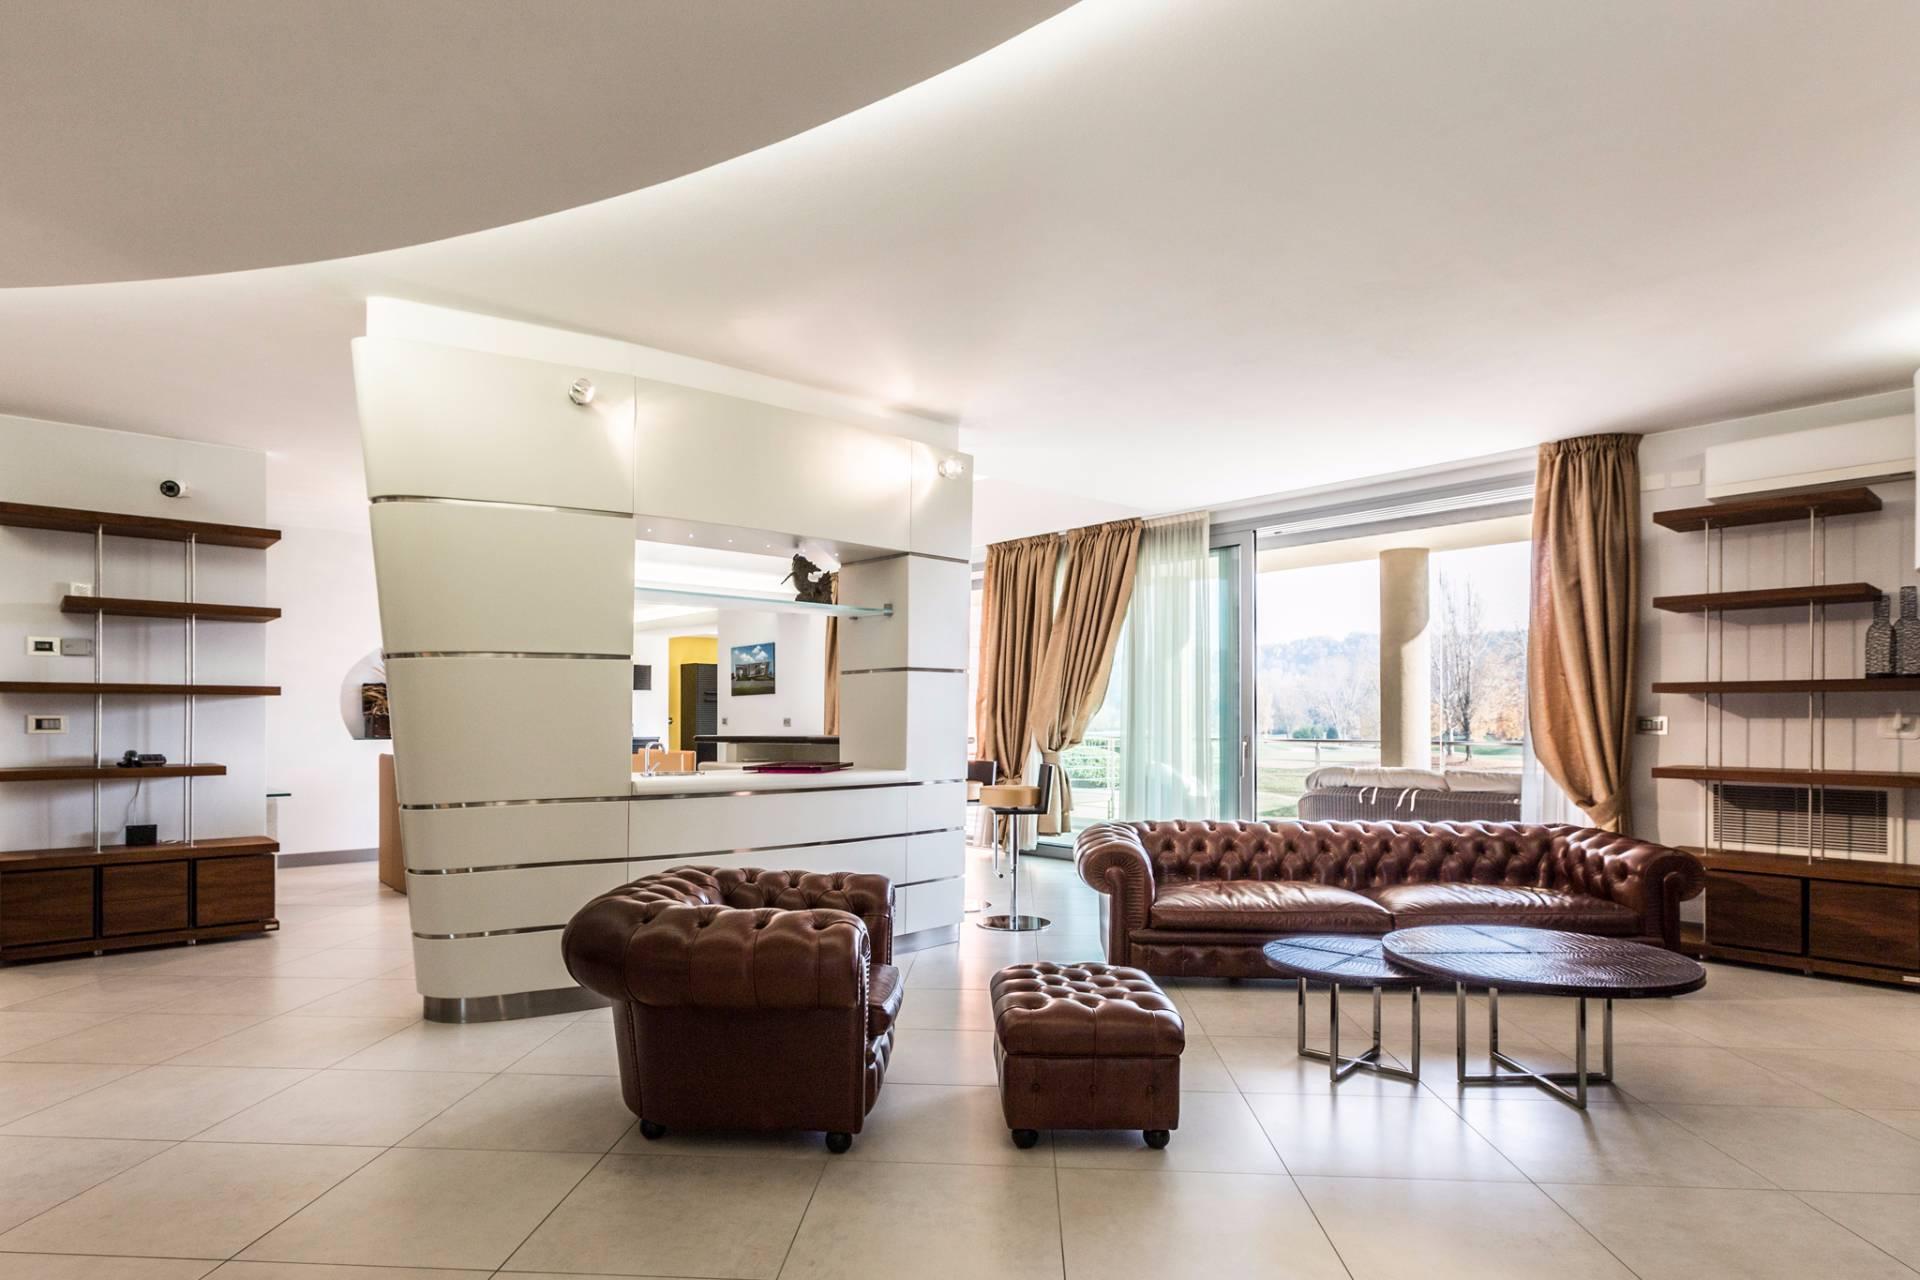 Villa in Vendita a Castel San Pietro Terme: 5 locali, 460 mq - Foto 15